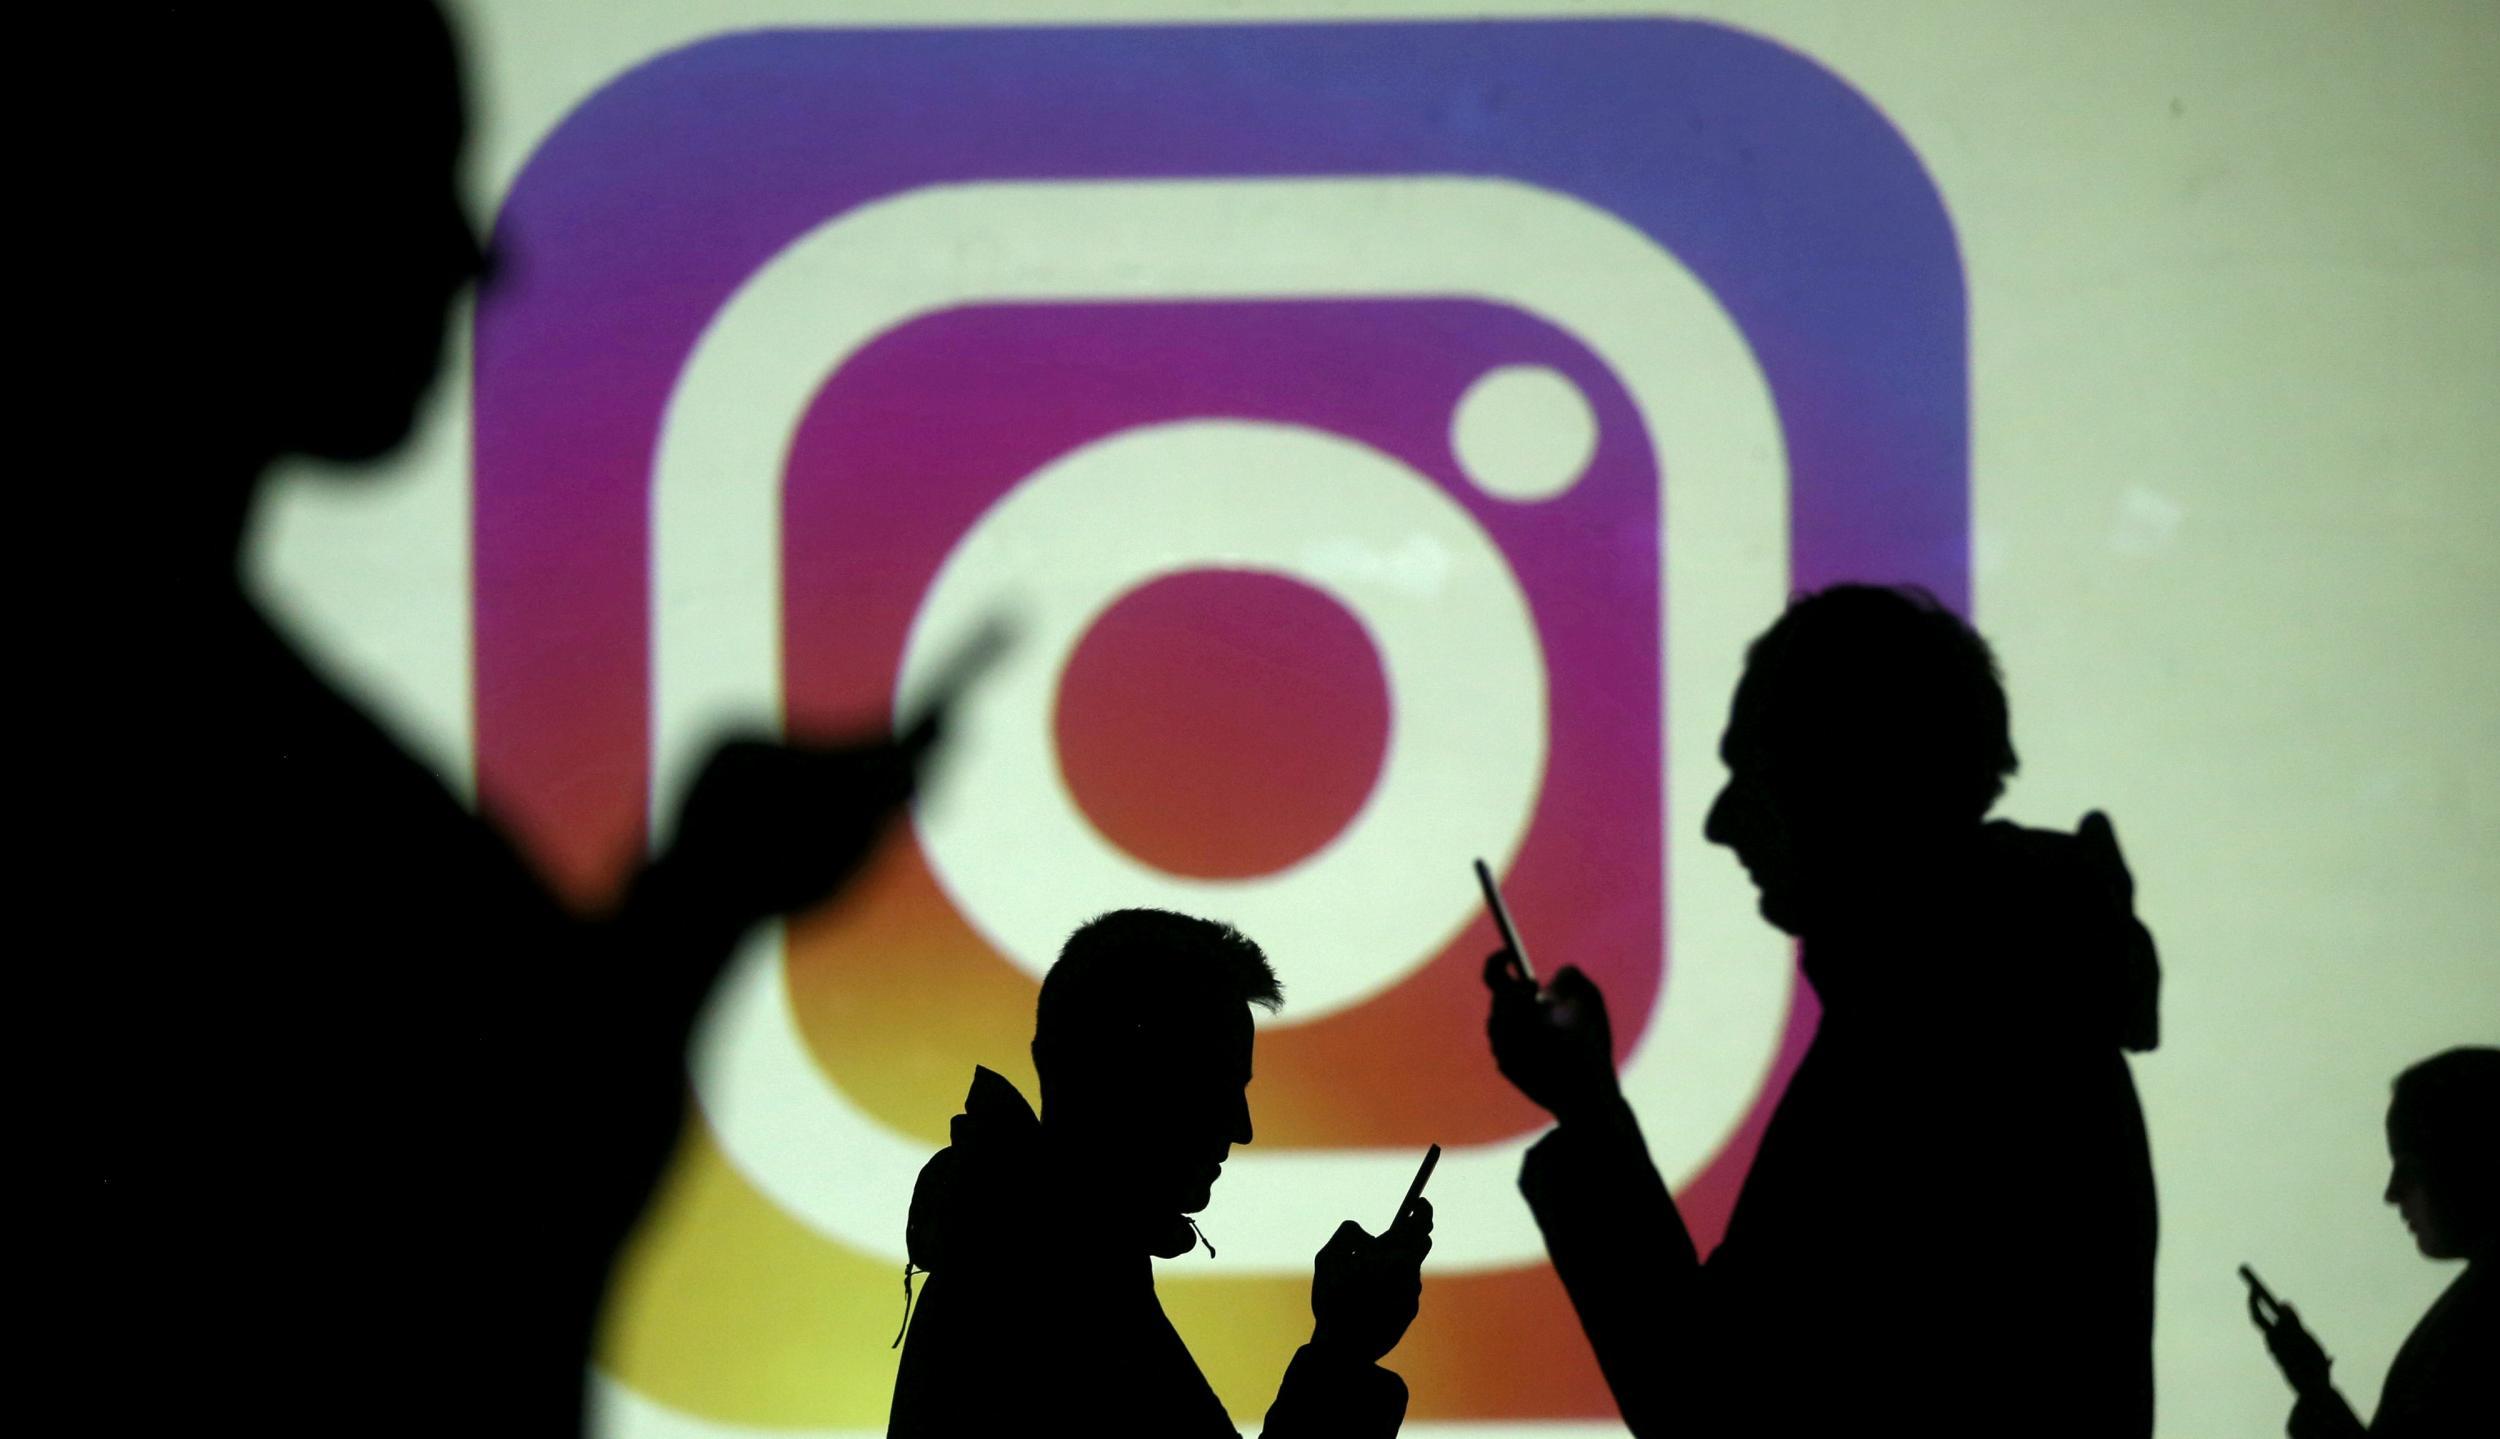 O vídeo foi produzido, após o Wall Street Journal revelar o resultado de uma pesquisa interna da companhia, que apontava que 1 a cada 3 jovens desenvolvem problemas de autoimagem por conta da rede social.